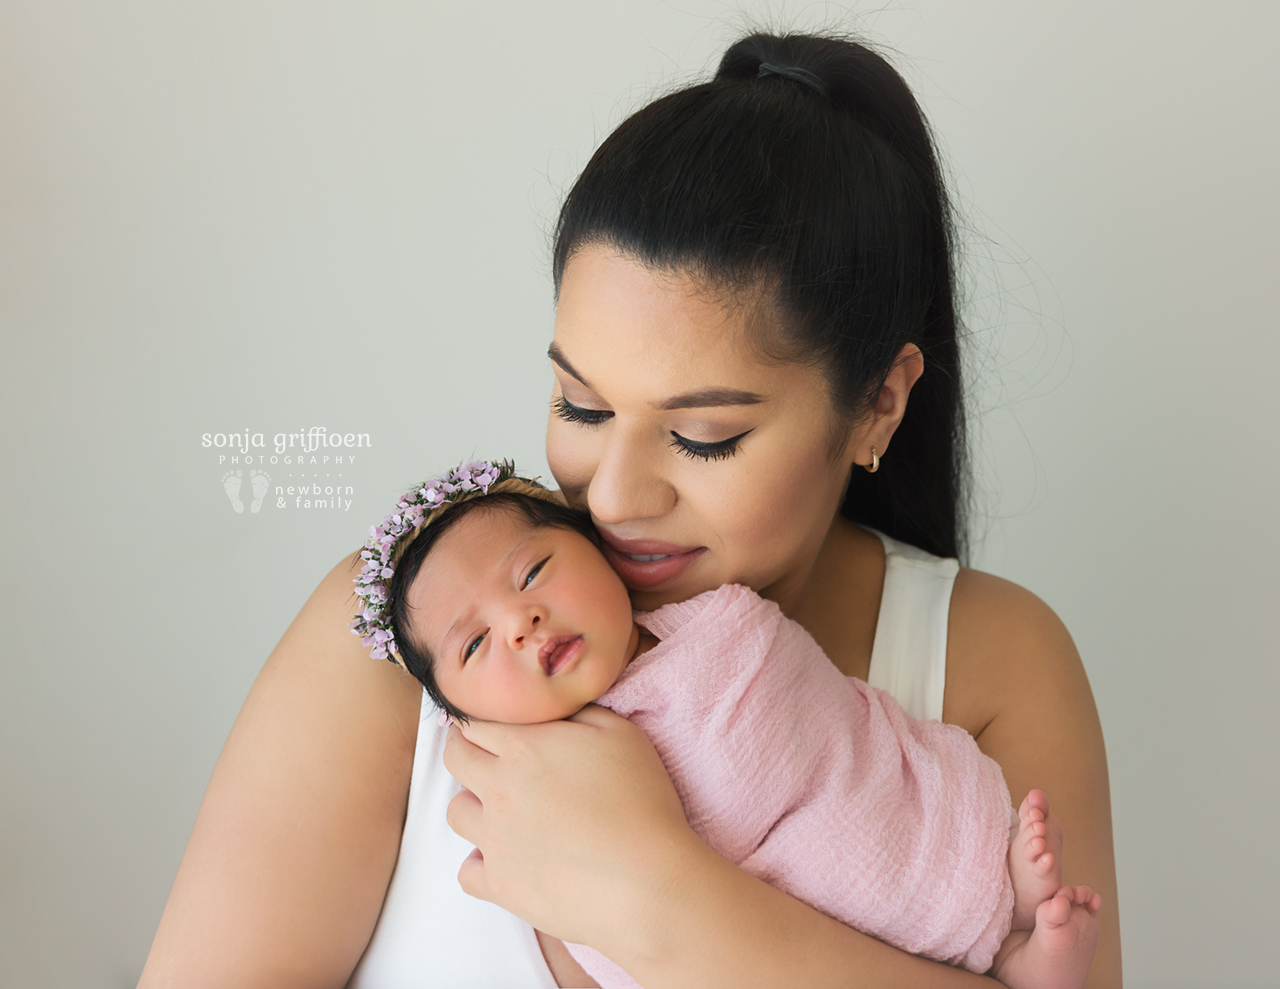 Adelina-Newborn-Brisbane-Newborn-Photographer-Sonja-Griffioen-15.jpg